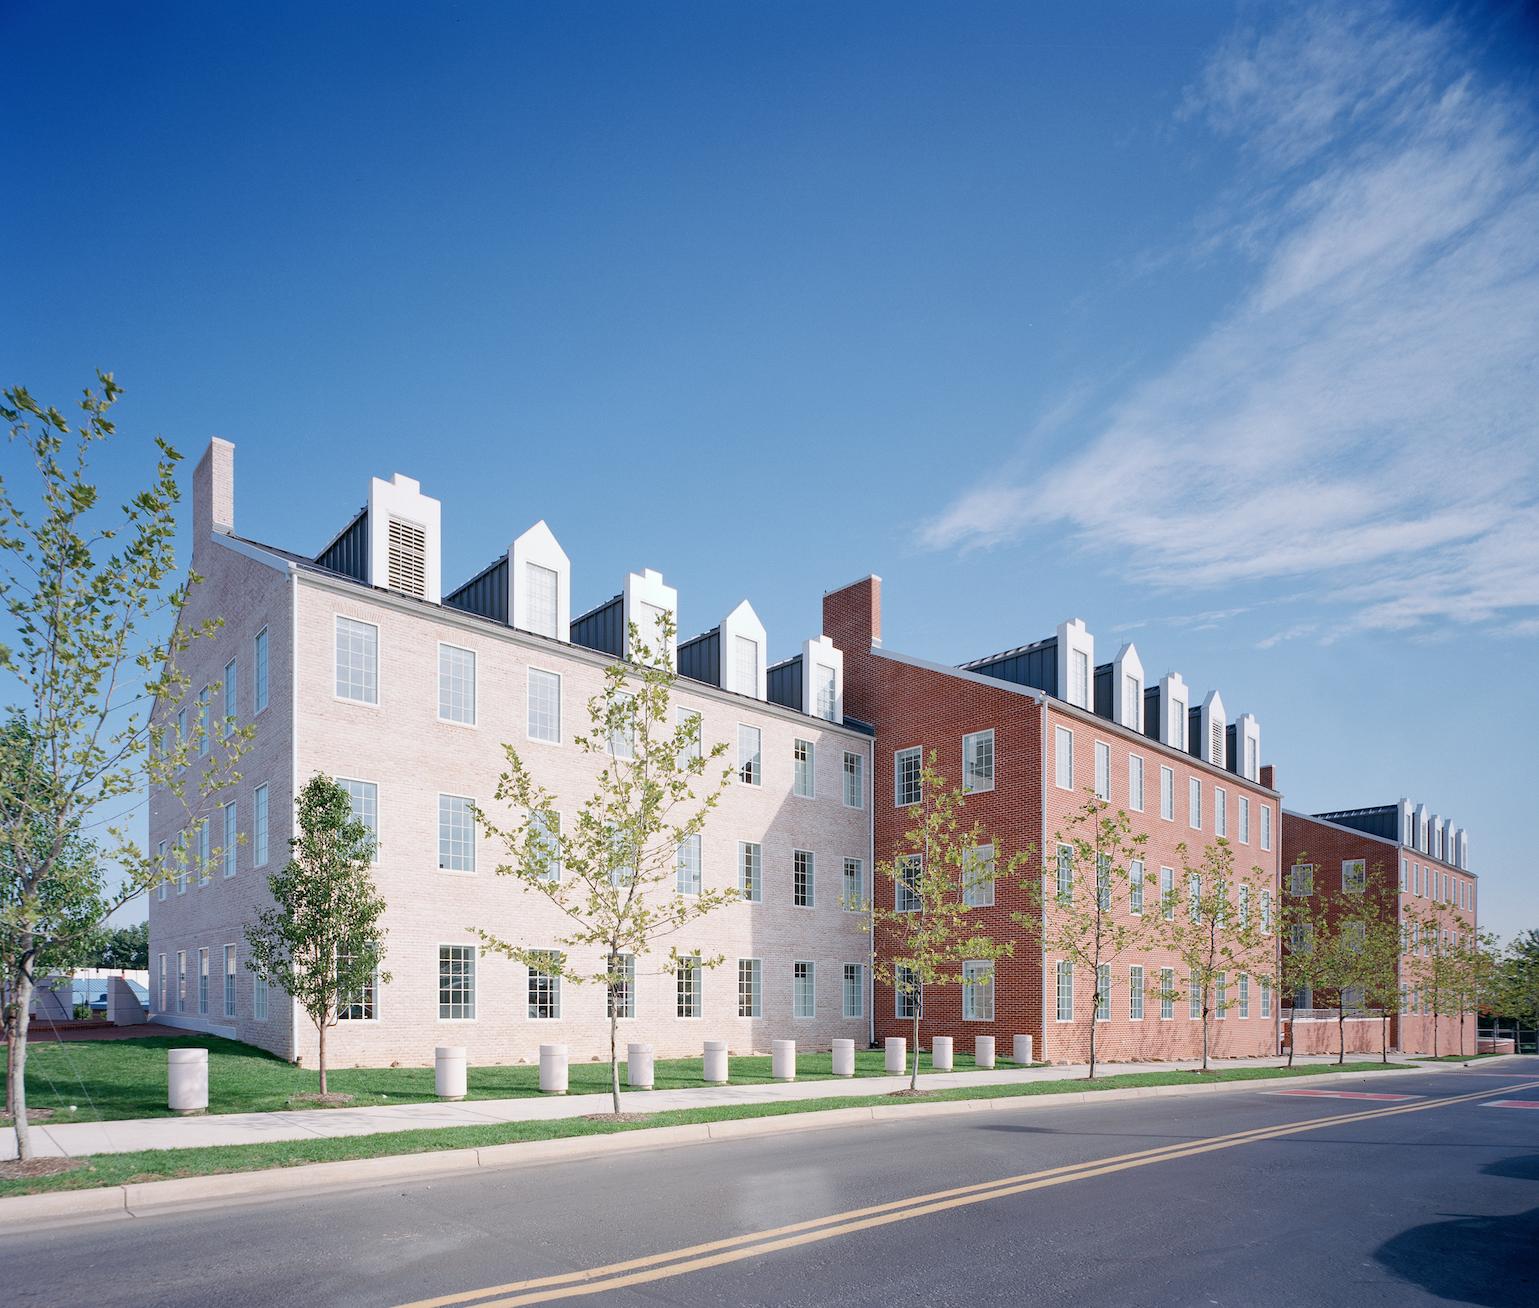 The University of Maryland Alumni Center.